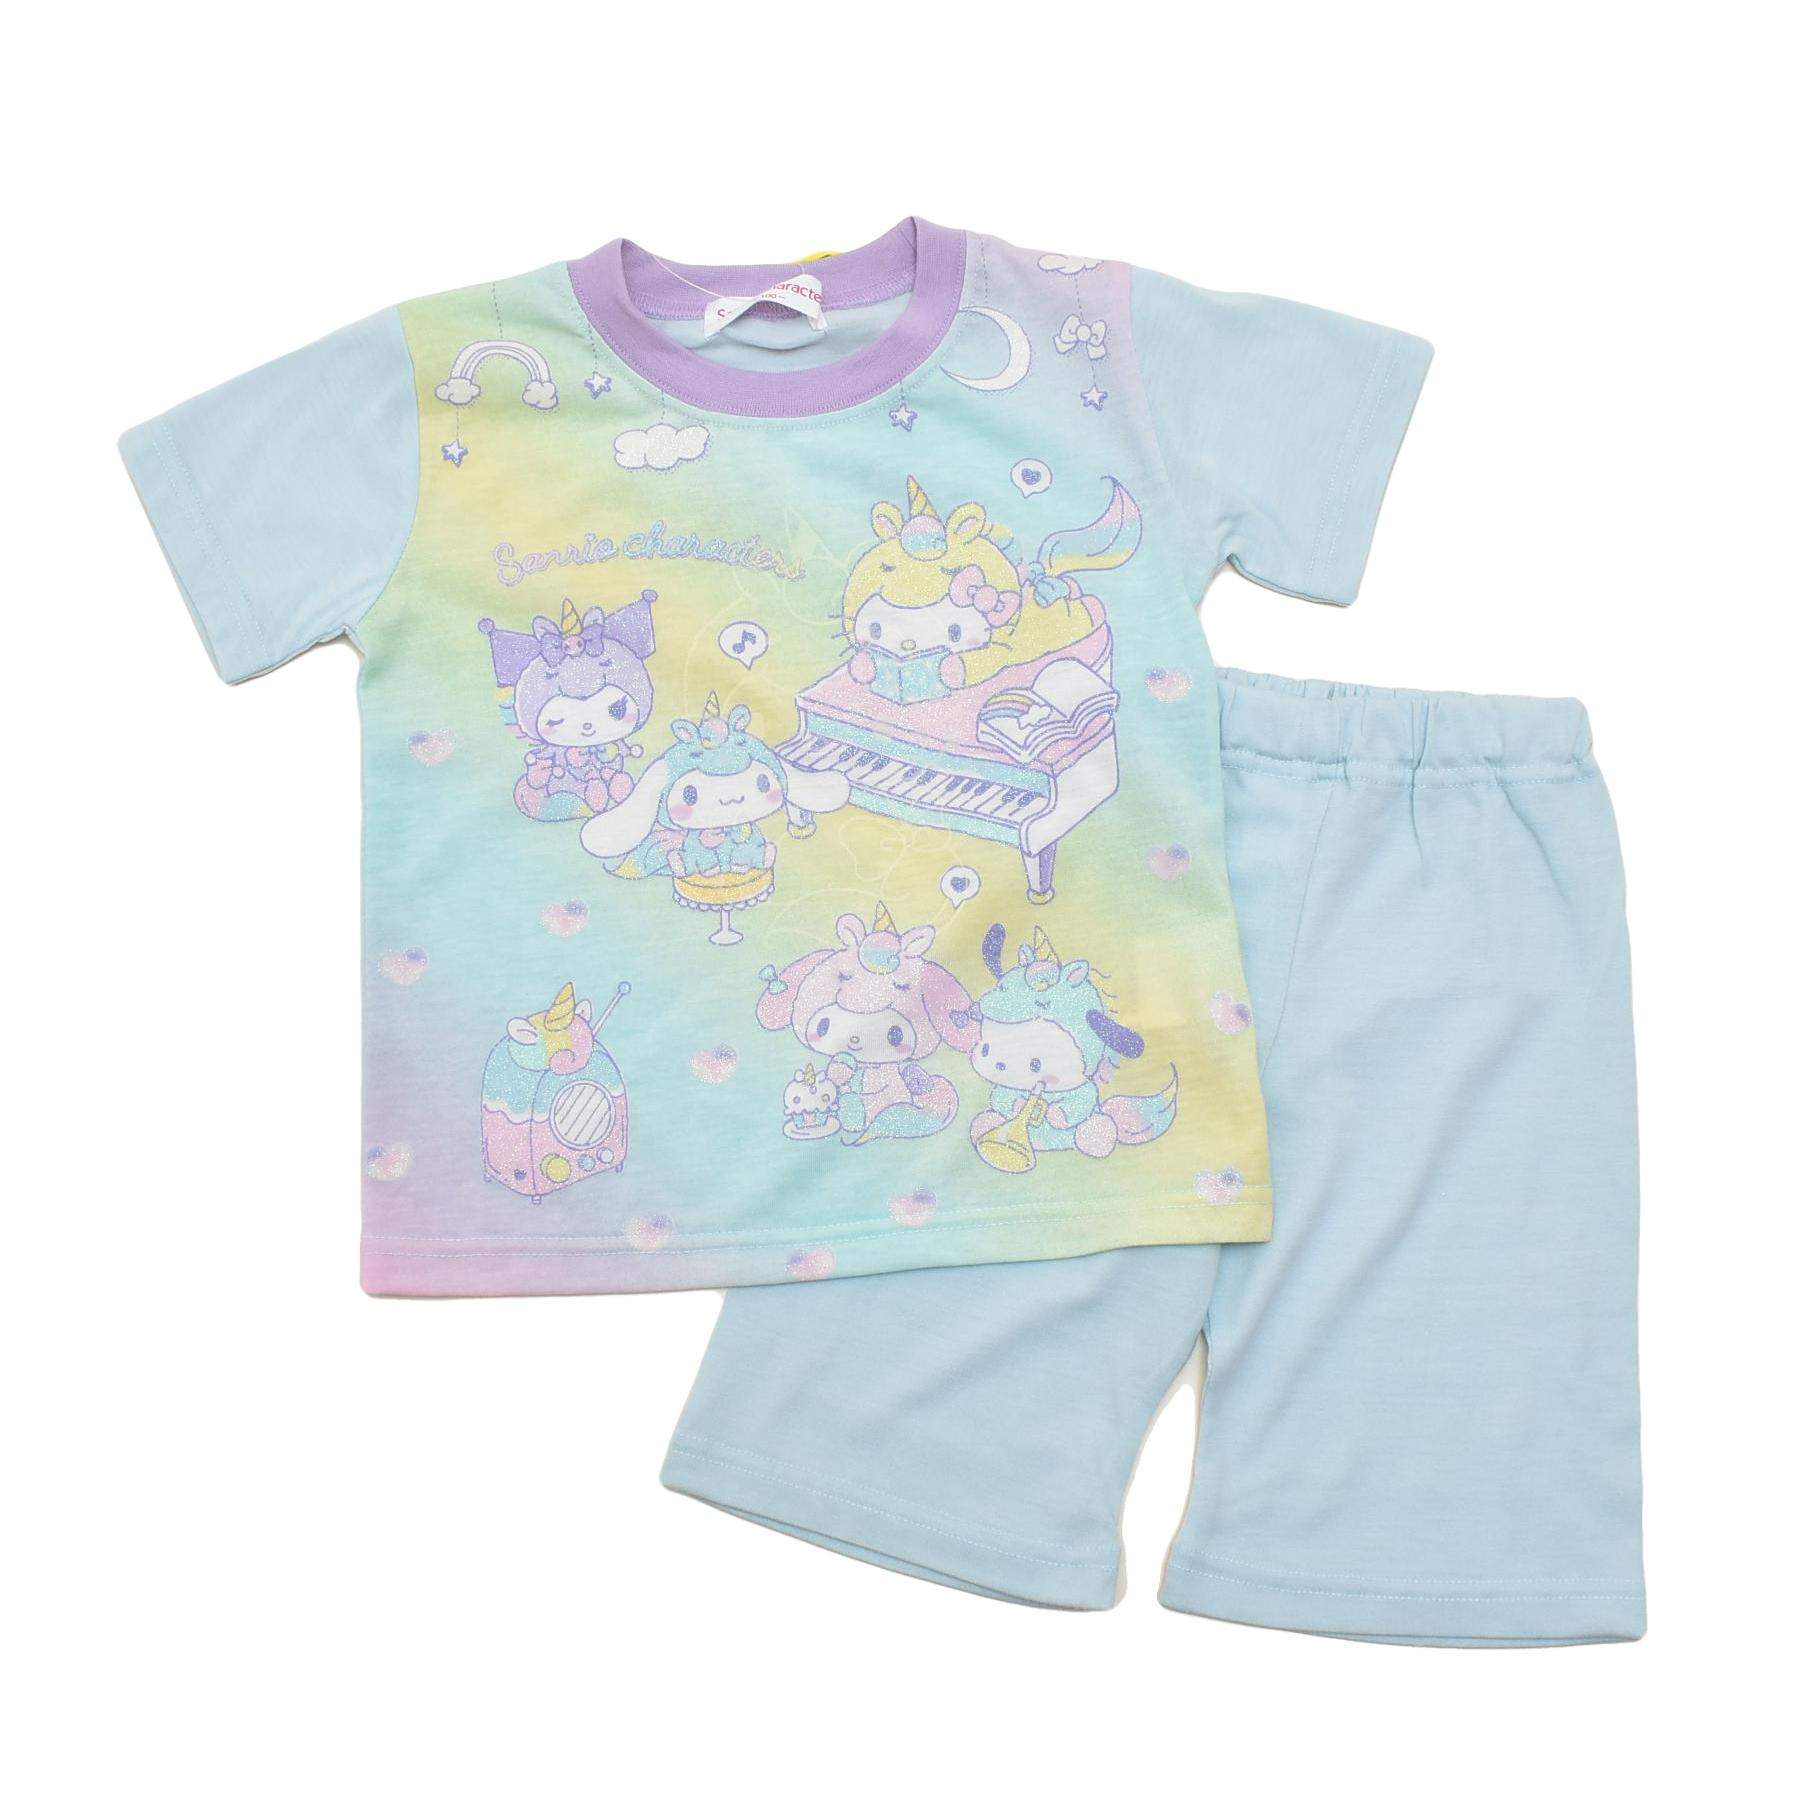 サンリオ キャラクターズ  光る 半袖Tシャツ生地のパジャマ  100-130cm(132SK0101-SX)